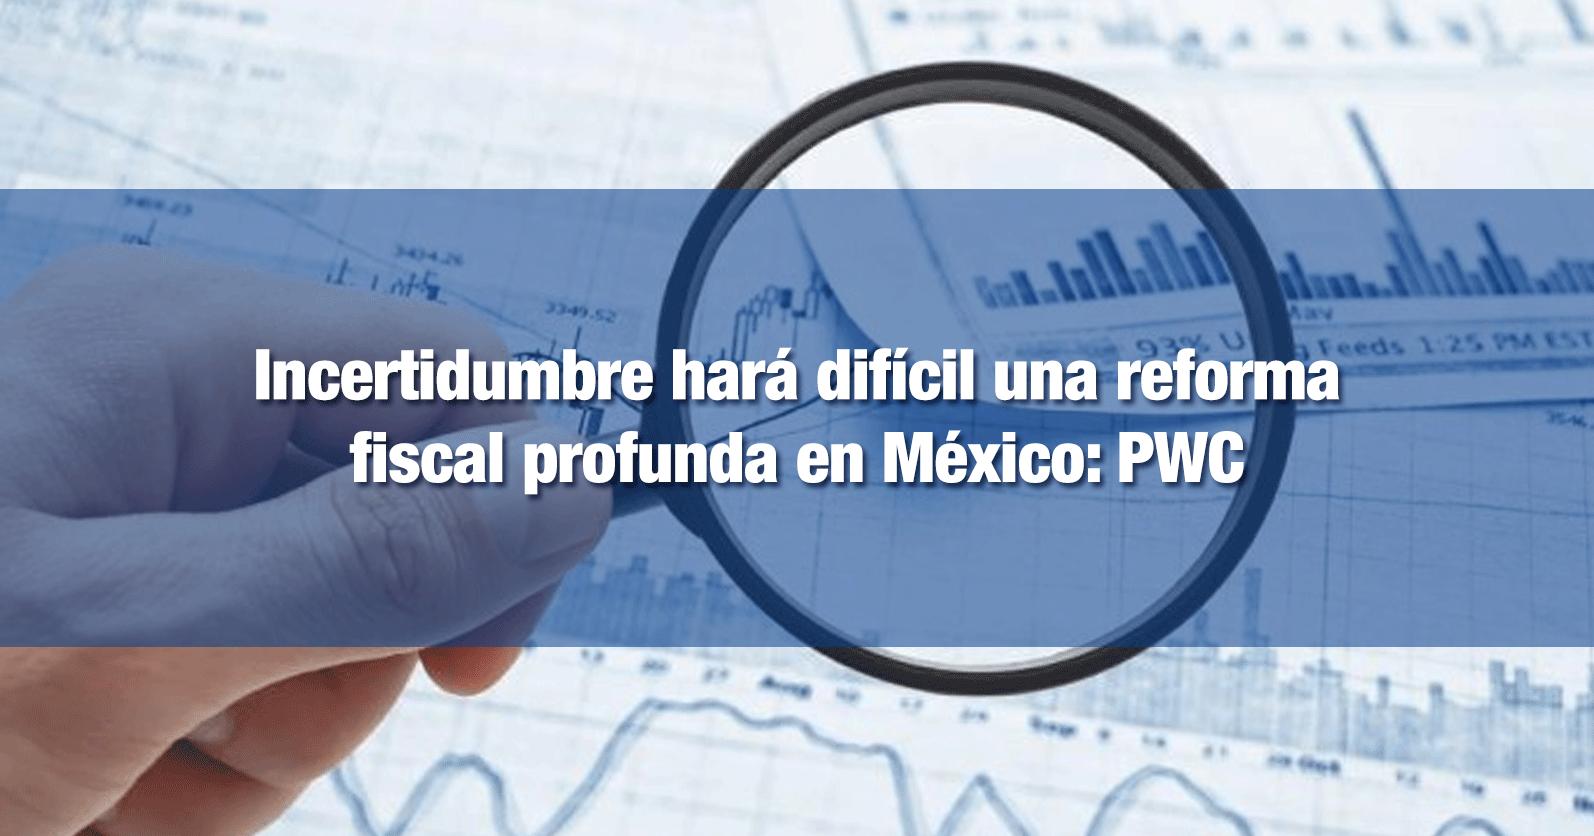 Incertidumbre hará difícil una reforma fiscal profunda en México: PWC